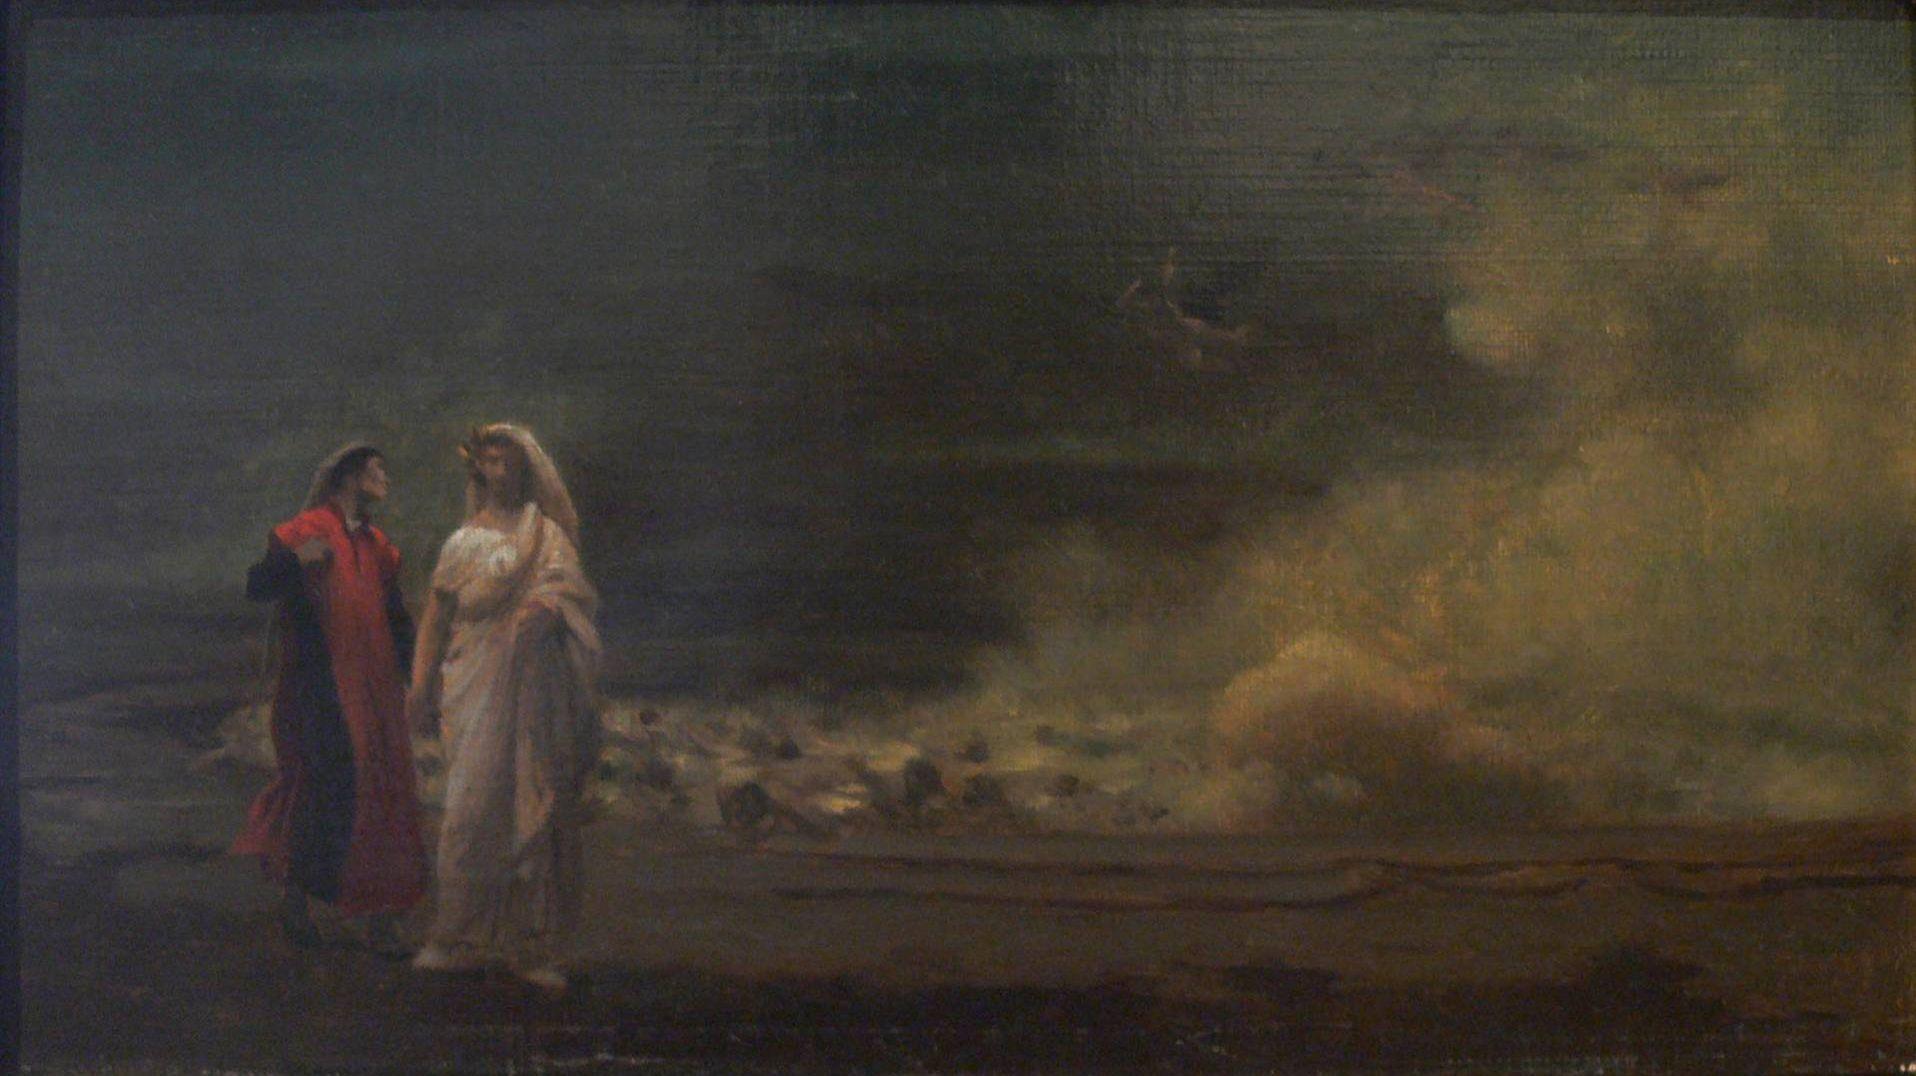 Жан-Леон Жером. Данте и Вергилий в аду.